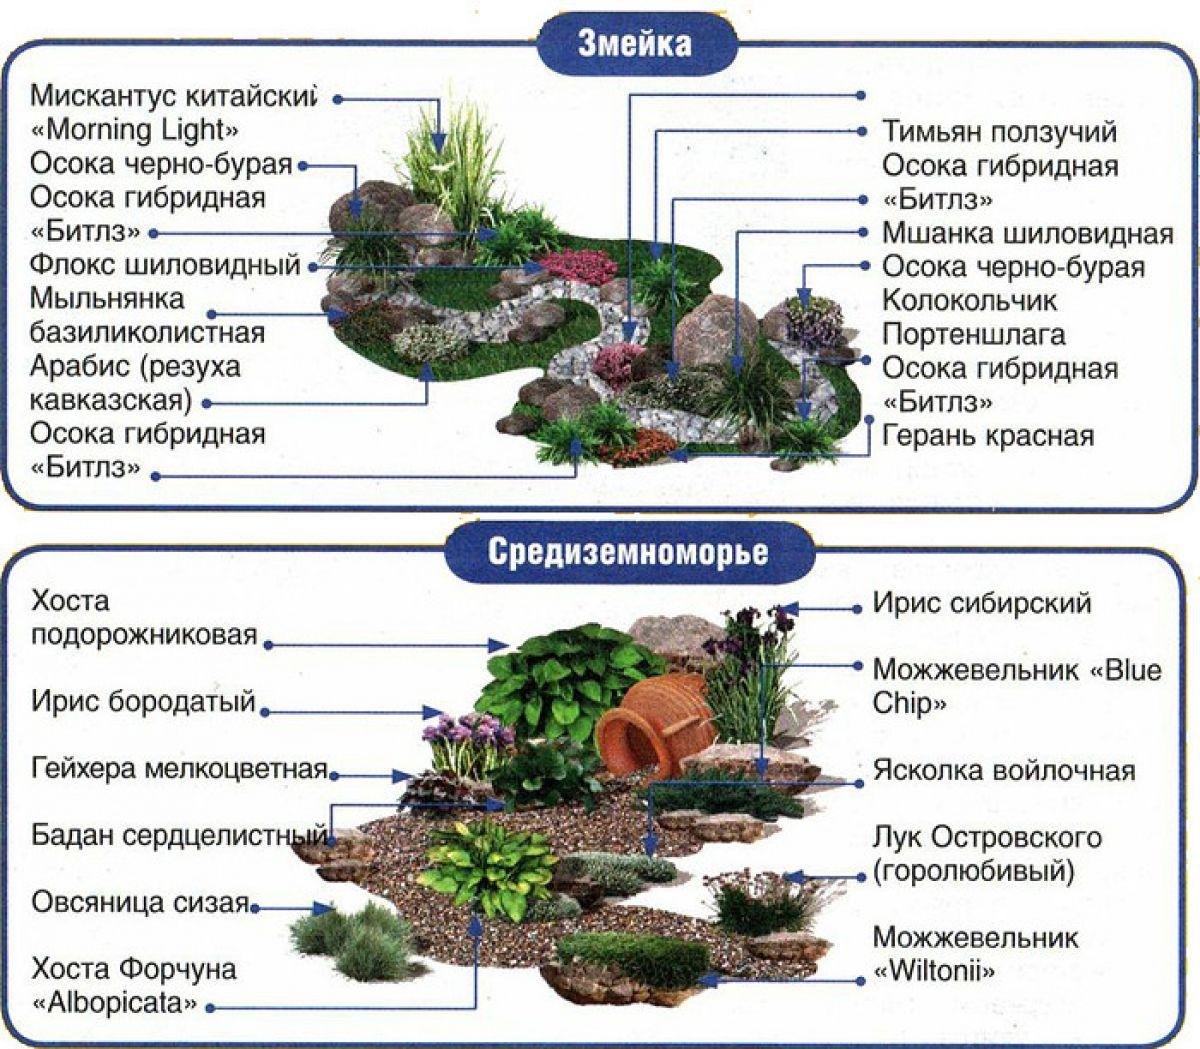 Схема альпийской горки со списком растений